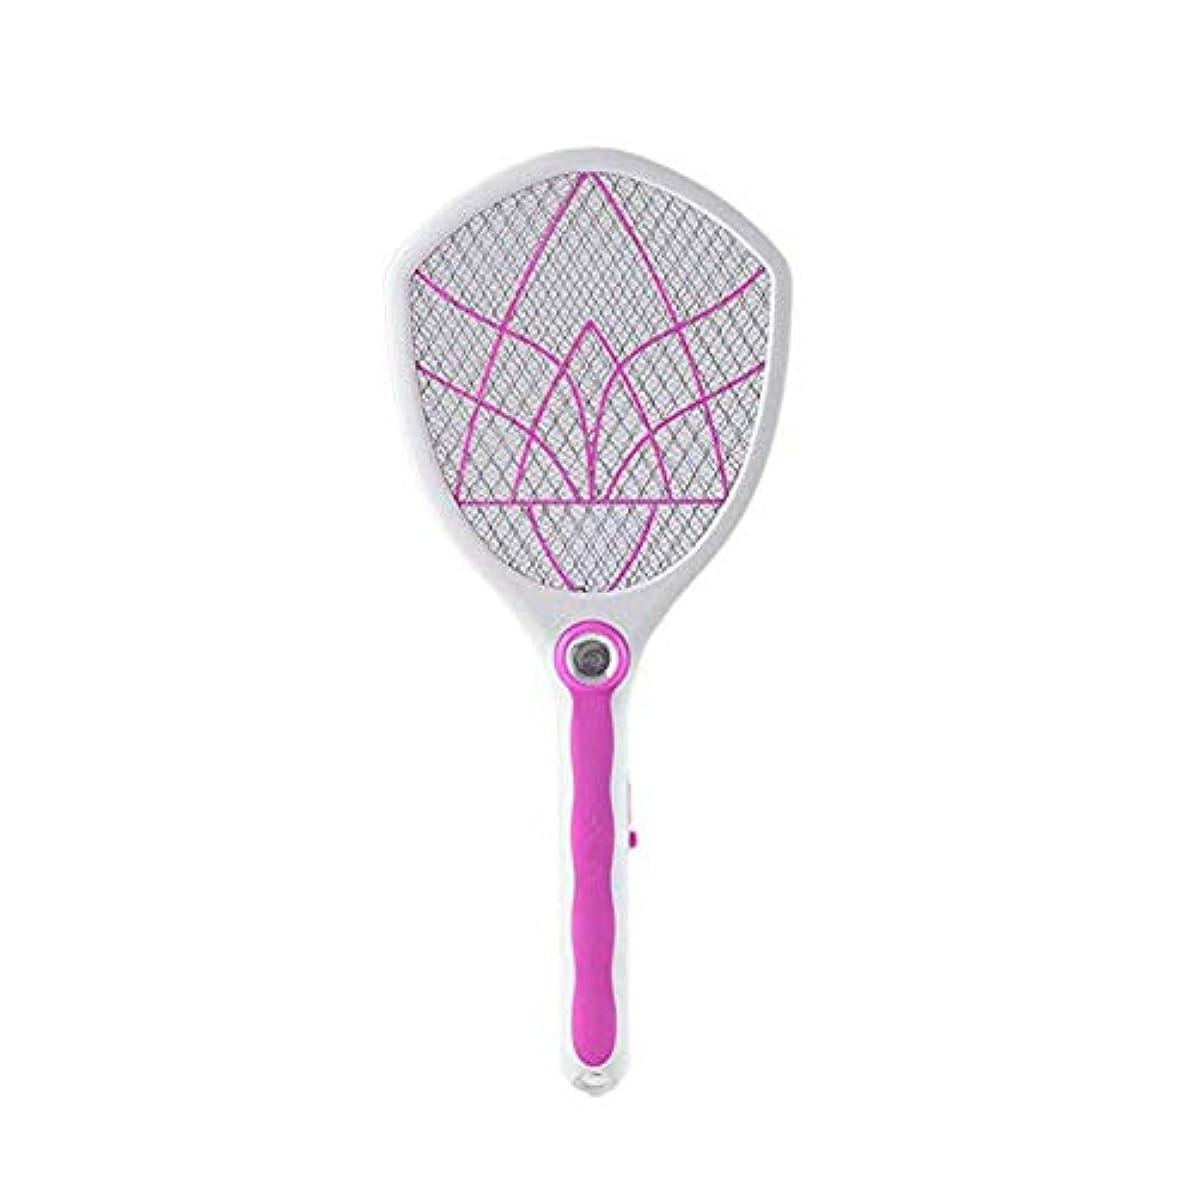 職人食品血色の良い電気蚊のたたき、 - 高電圧 - USB充電、超高輝度LEDライト - タッチセーフ